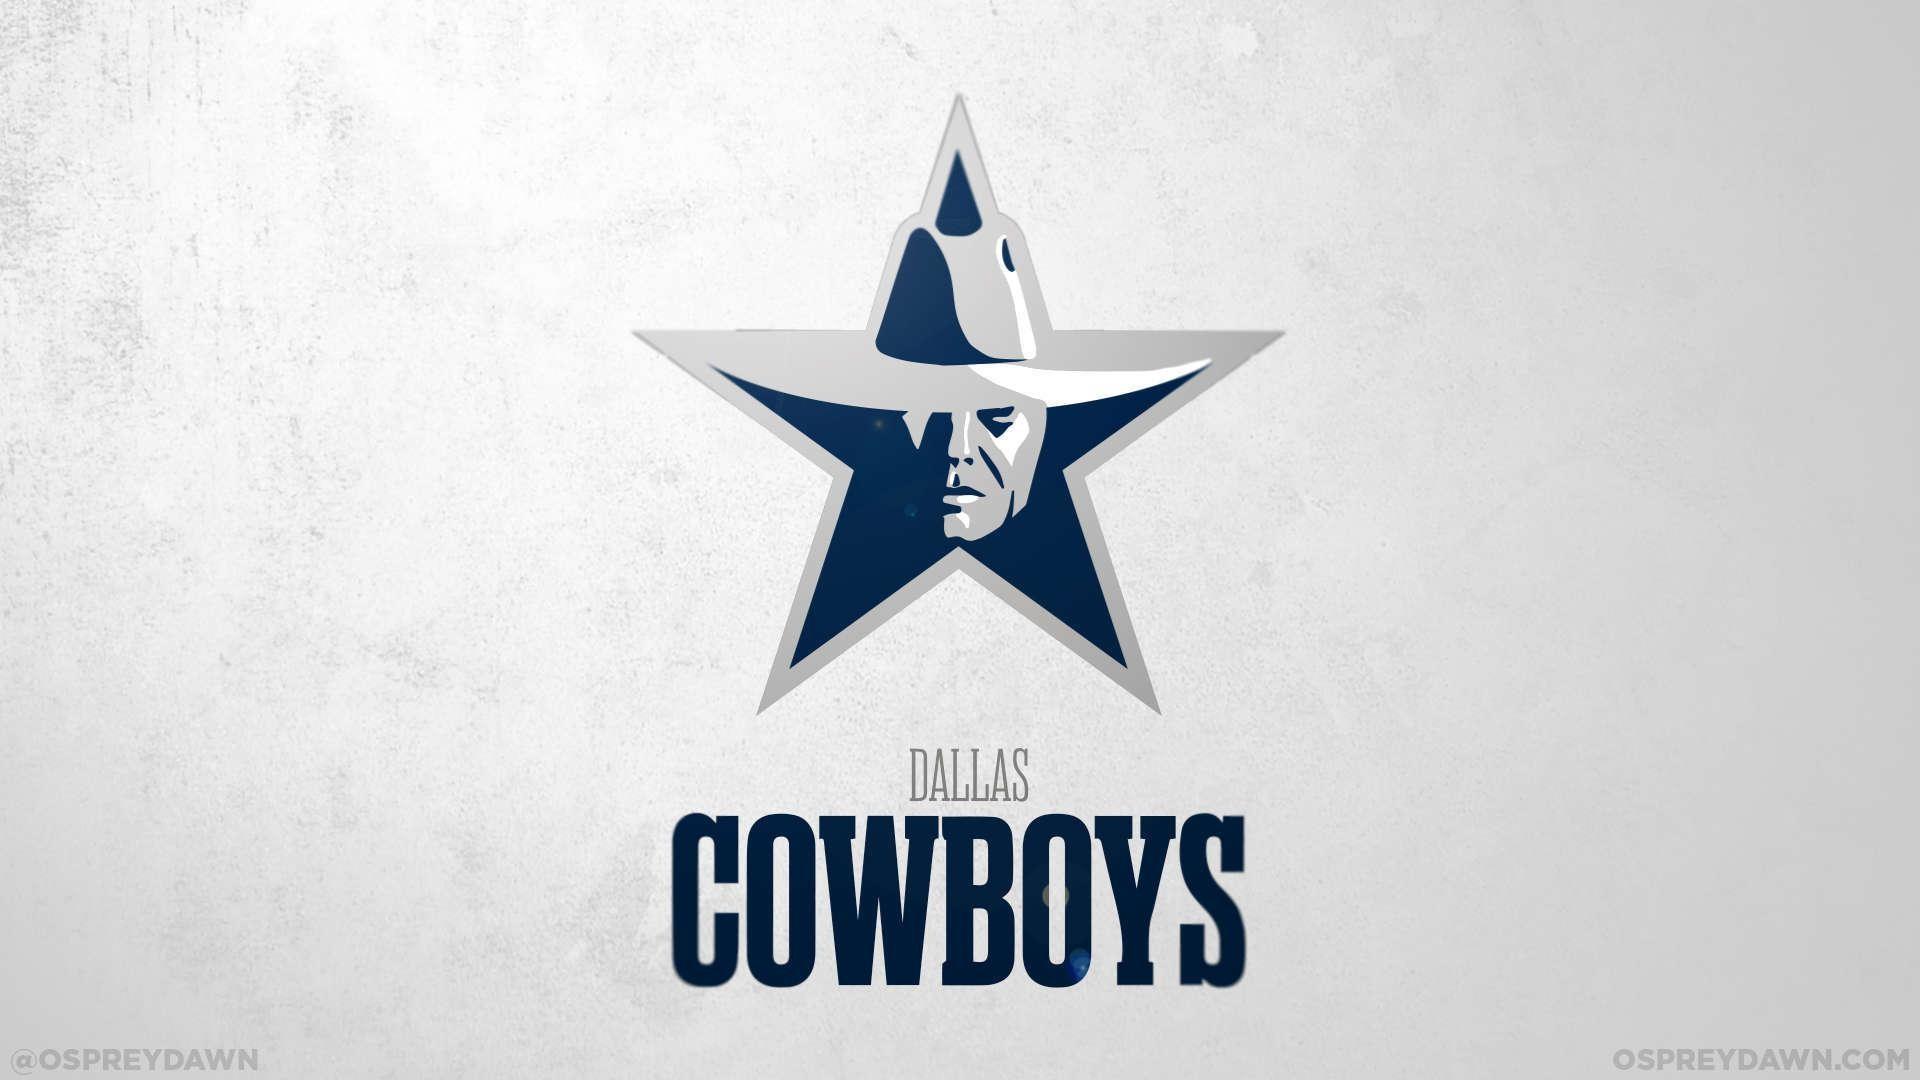 … Dallas Cowboys Logo Desktop Wallpaper – HDwallshare.com …